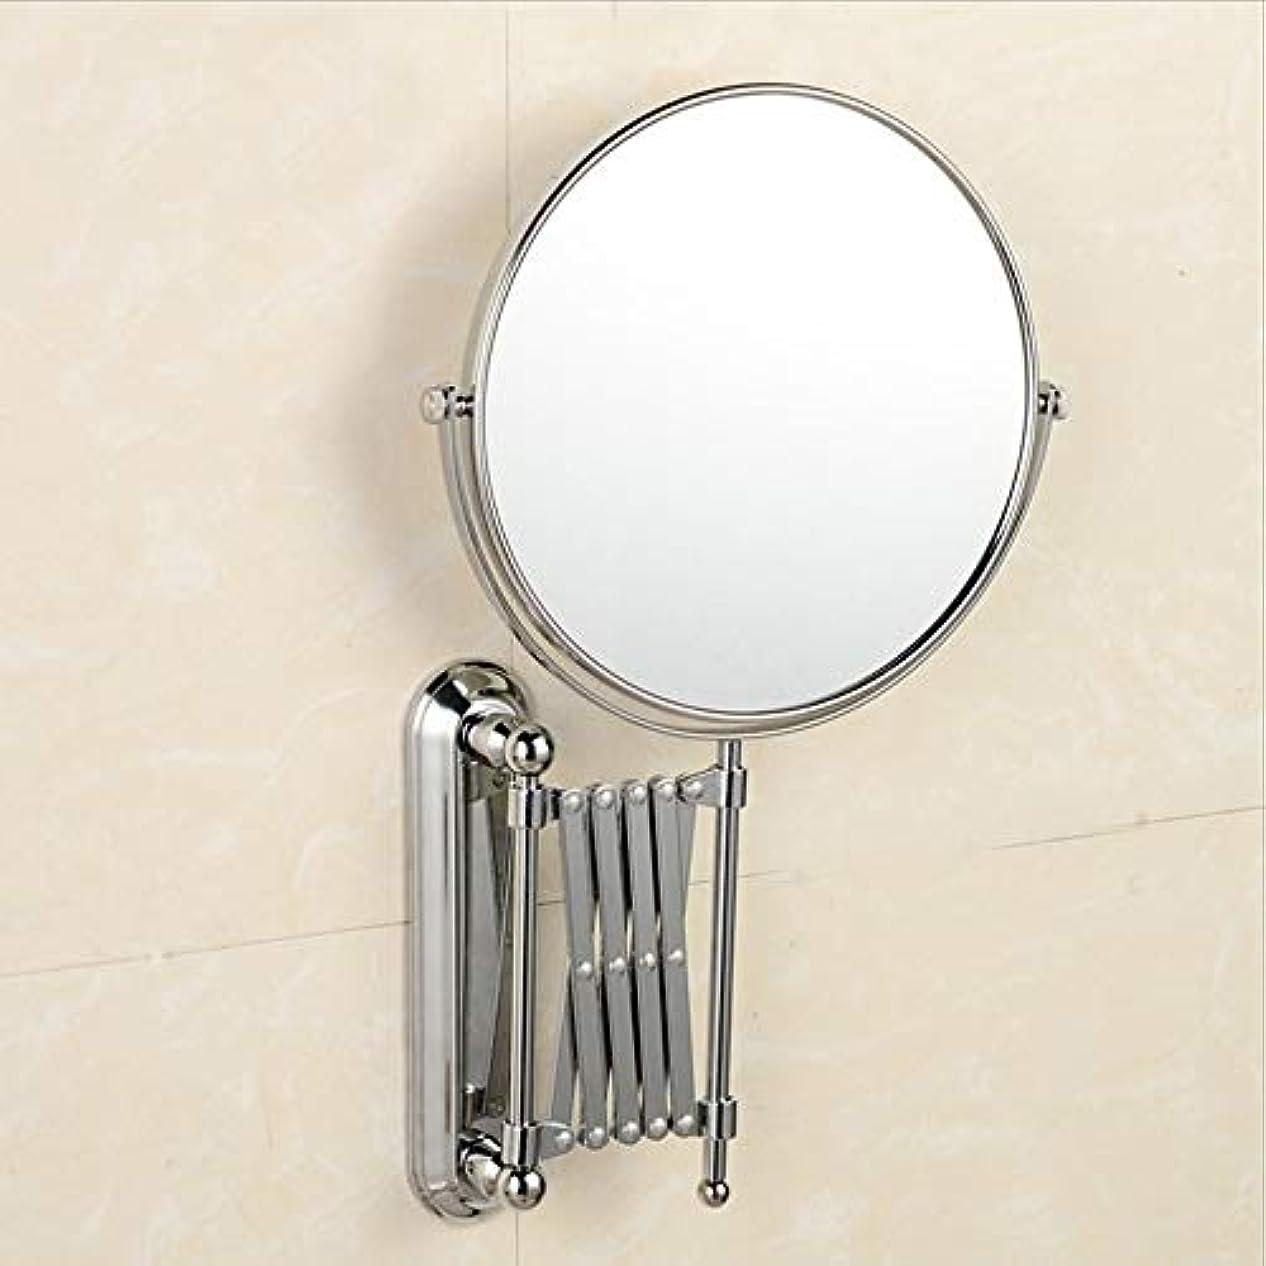 あいまいさブートショートカット流行の 両面美容化粧鏡折りたたみ美容鏡浴室美容化粧鏡ステンレス鋼6インチシルバー